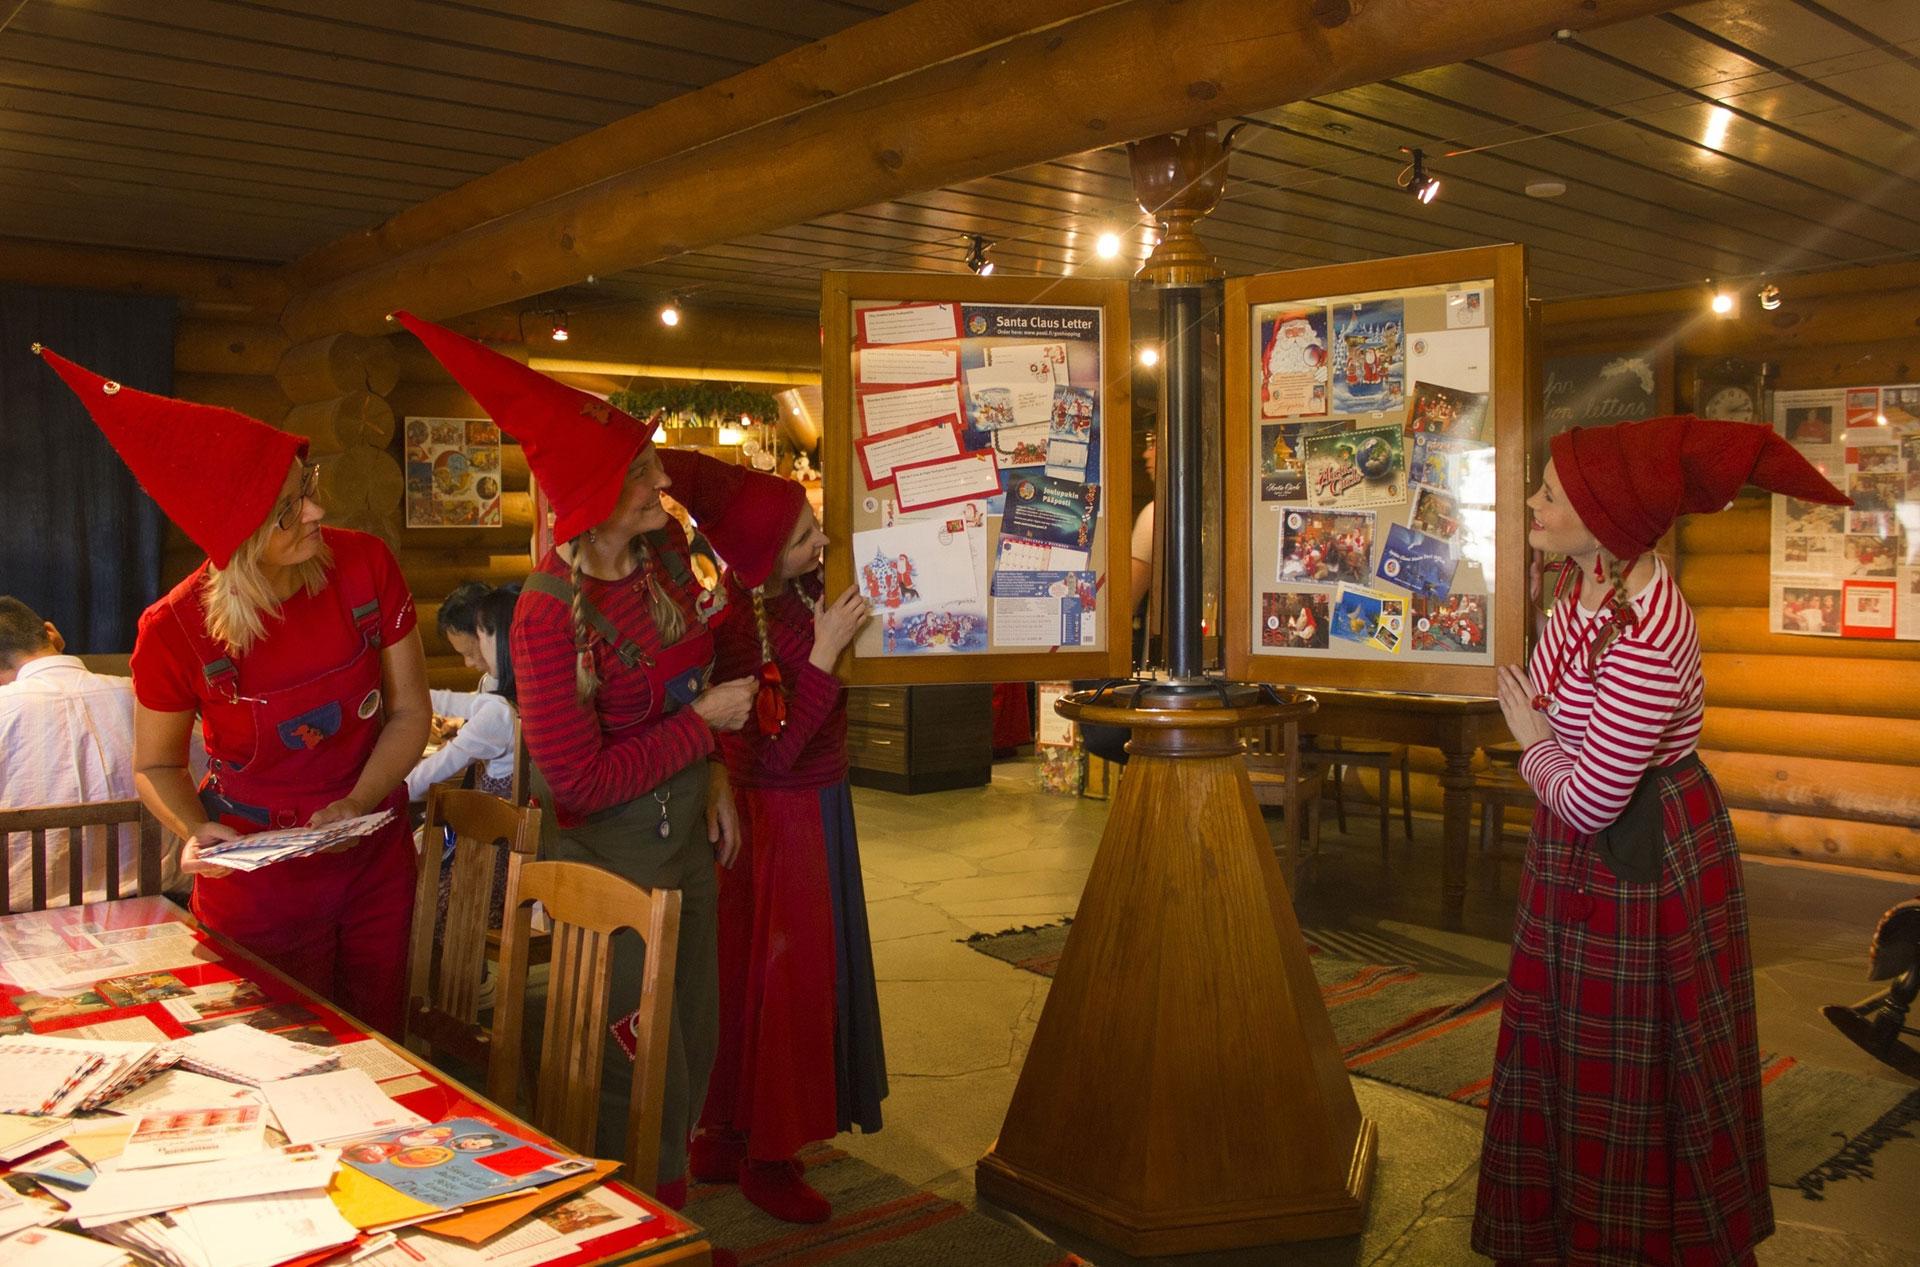 Rovaniemi Lapponia Babbo Natale.Babbo Natale E La Magia Del Natale A Rovaniemi Visit Rovaniemi